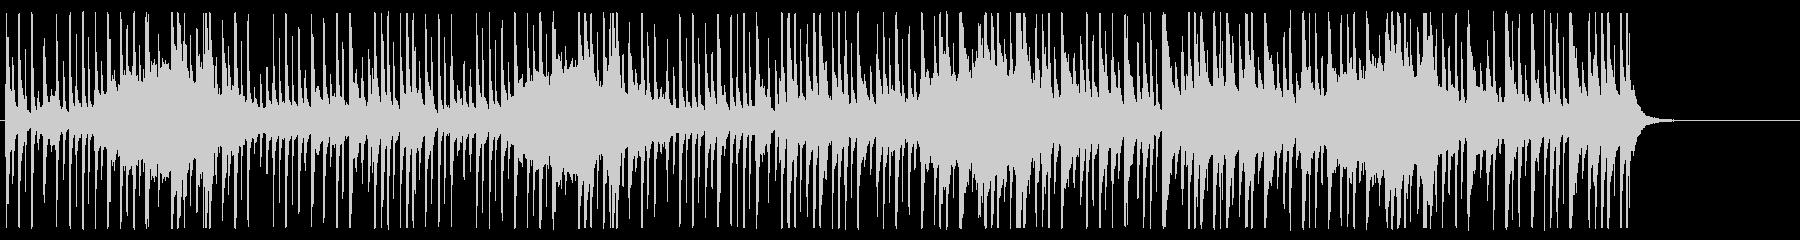 不思議/民族/ジャングル_No492_4の未再生の波形